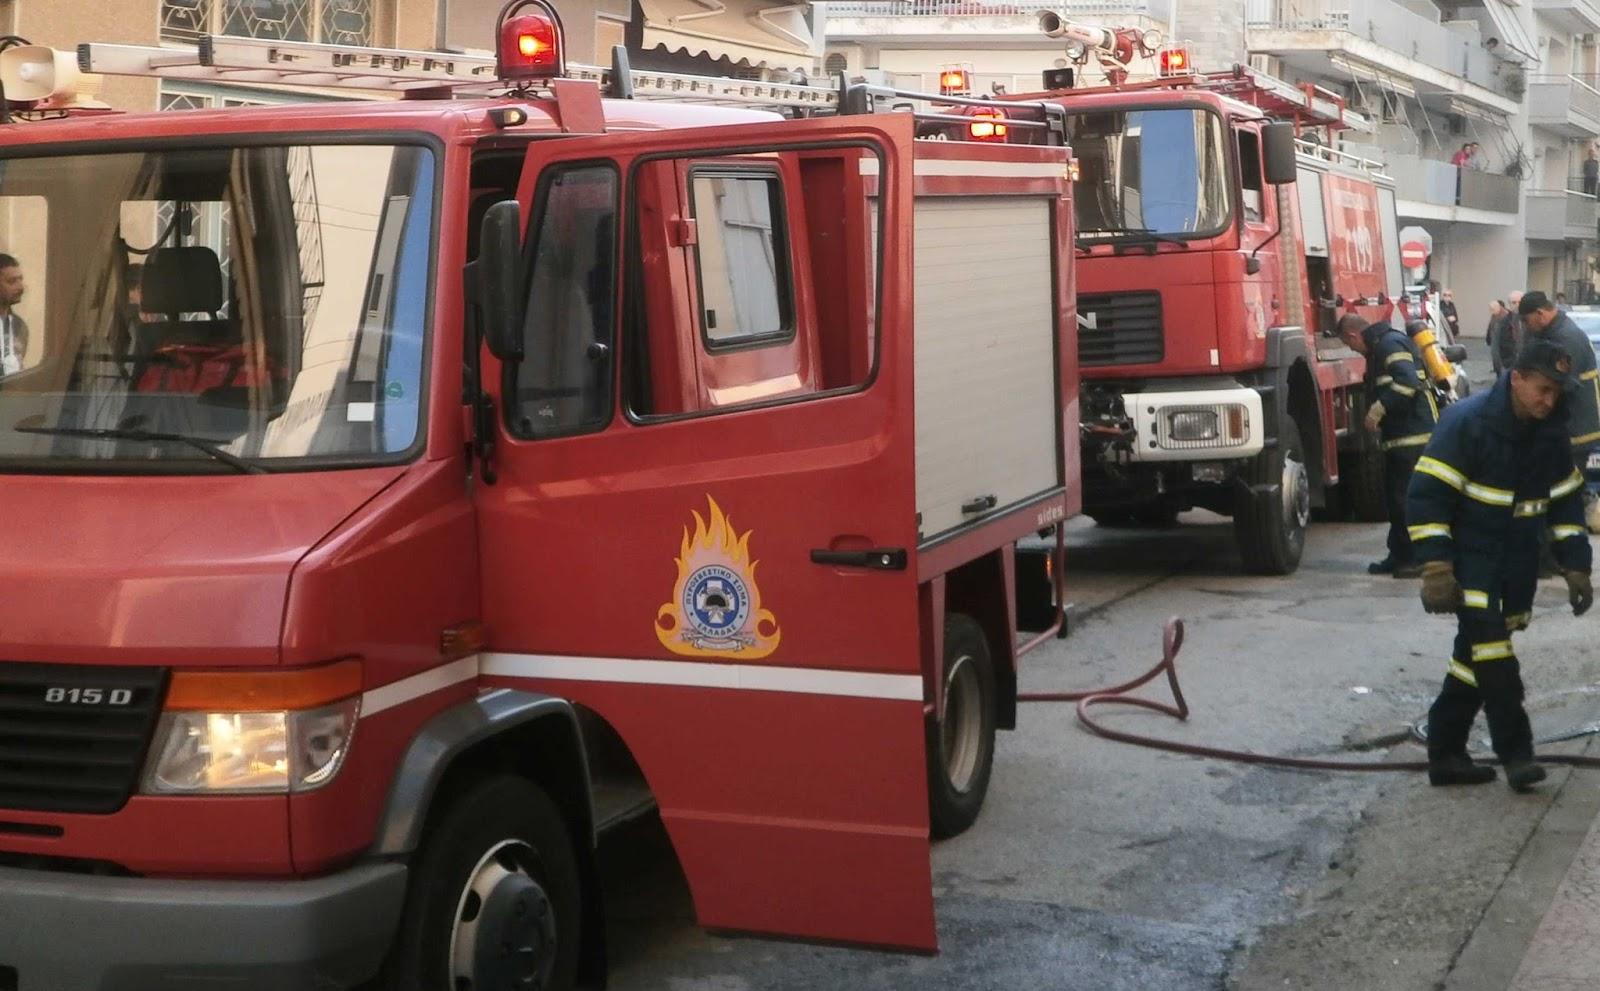 Συναγερμός στην Πυροσβεστική στην Ξάνθη - Πυρκαγιά και στην Αλεξανδρούπολη